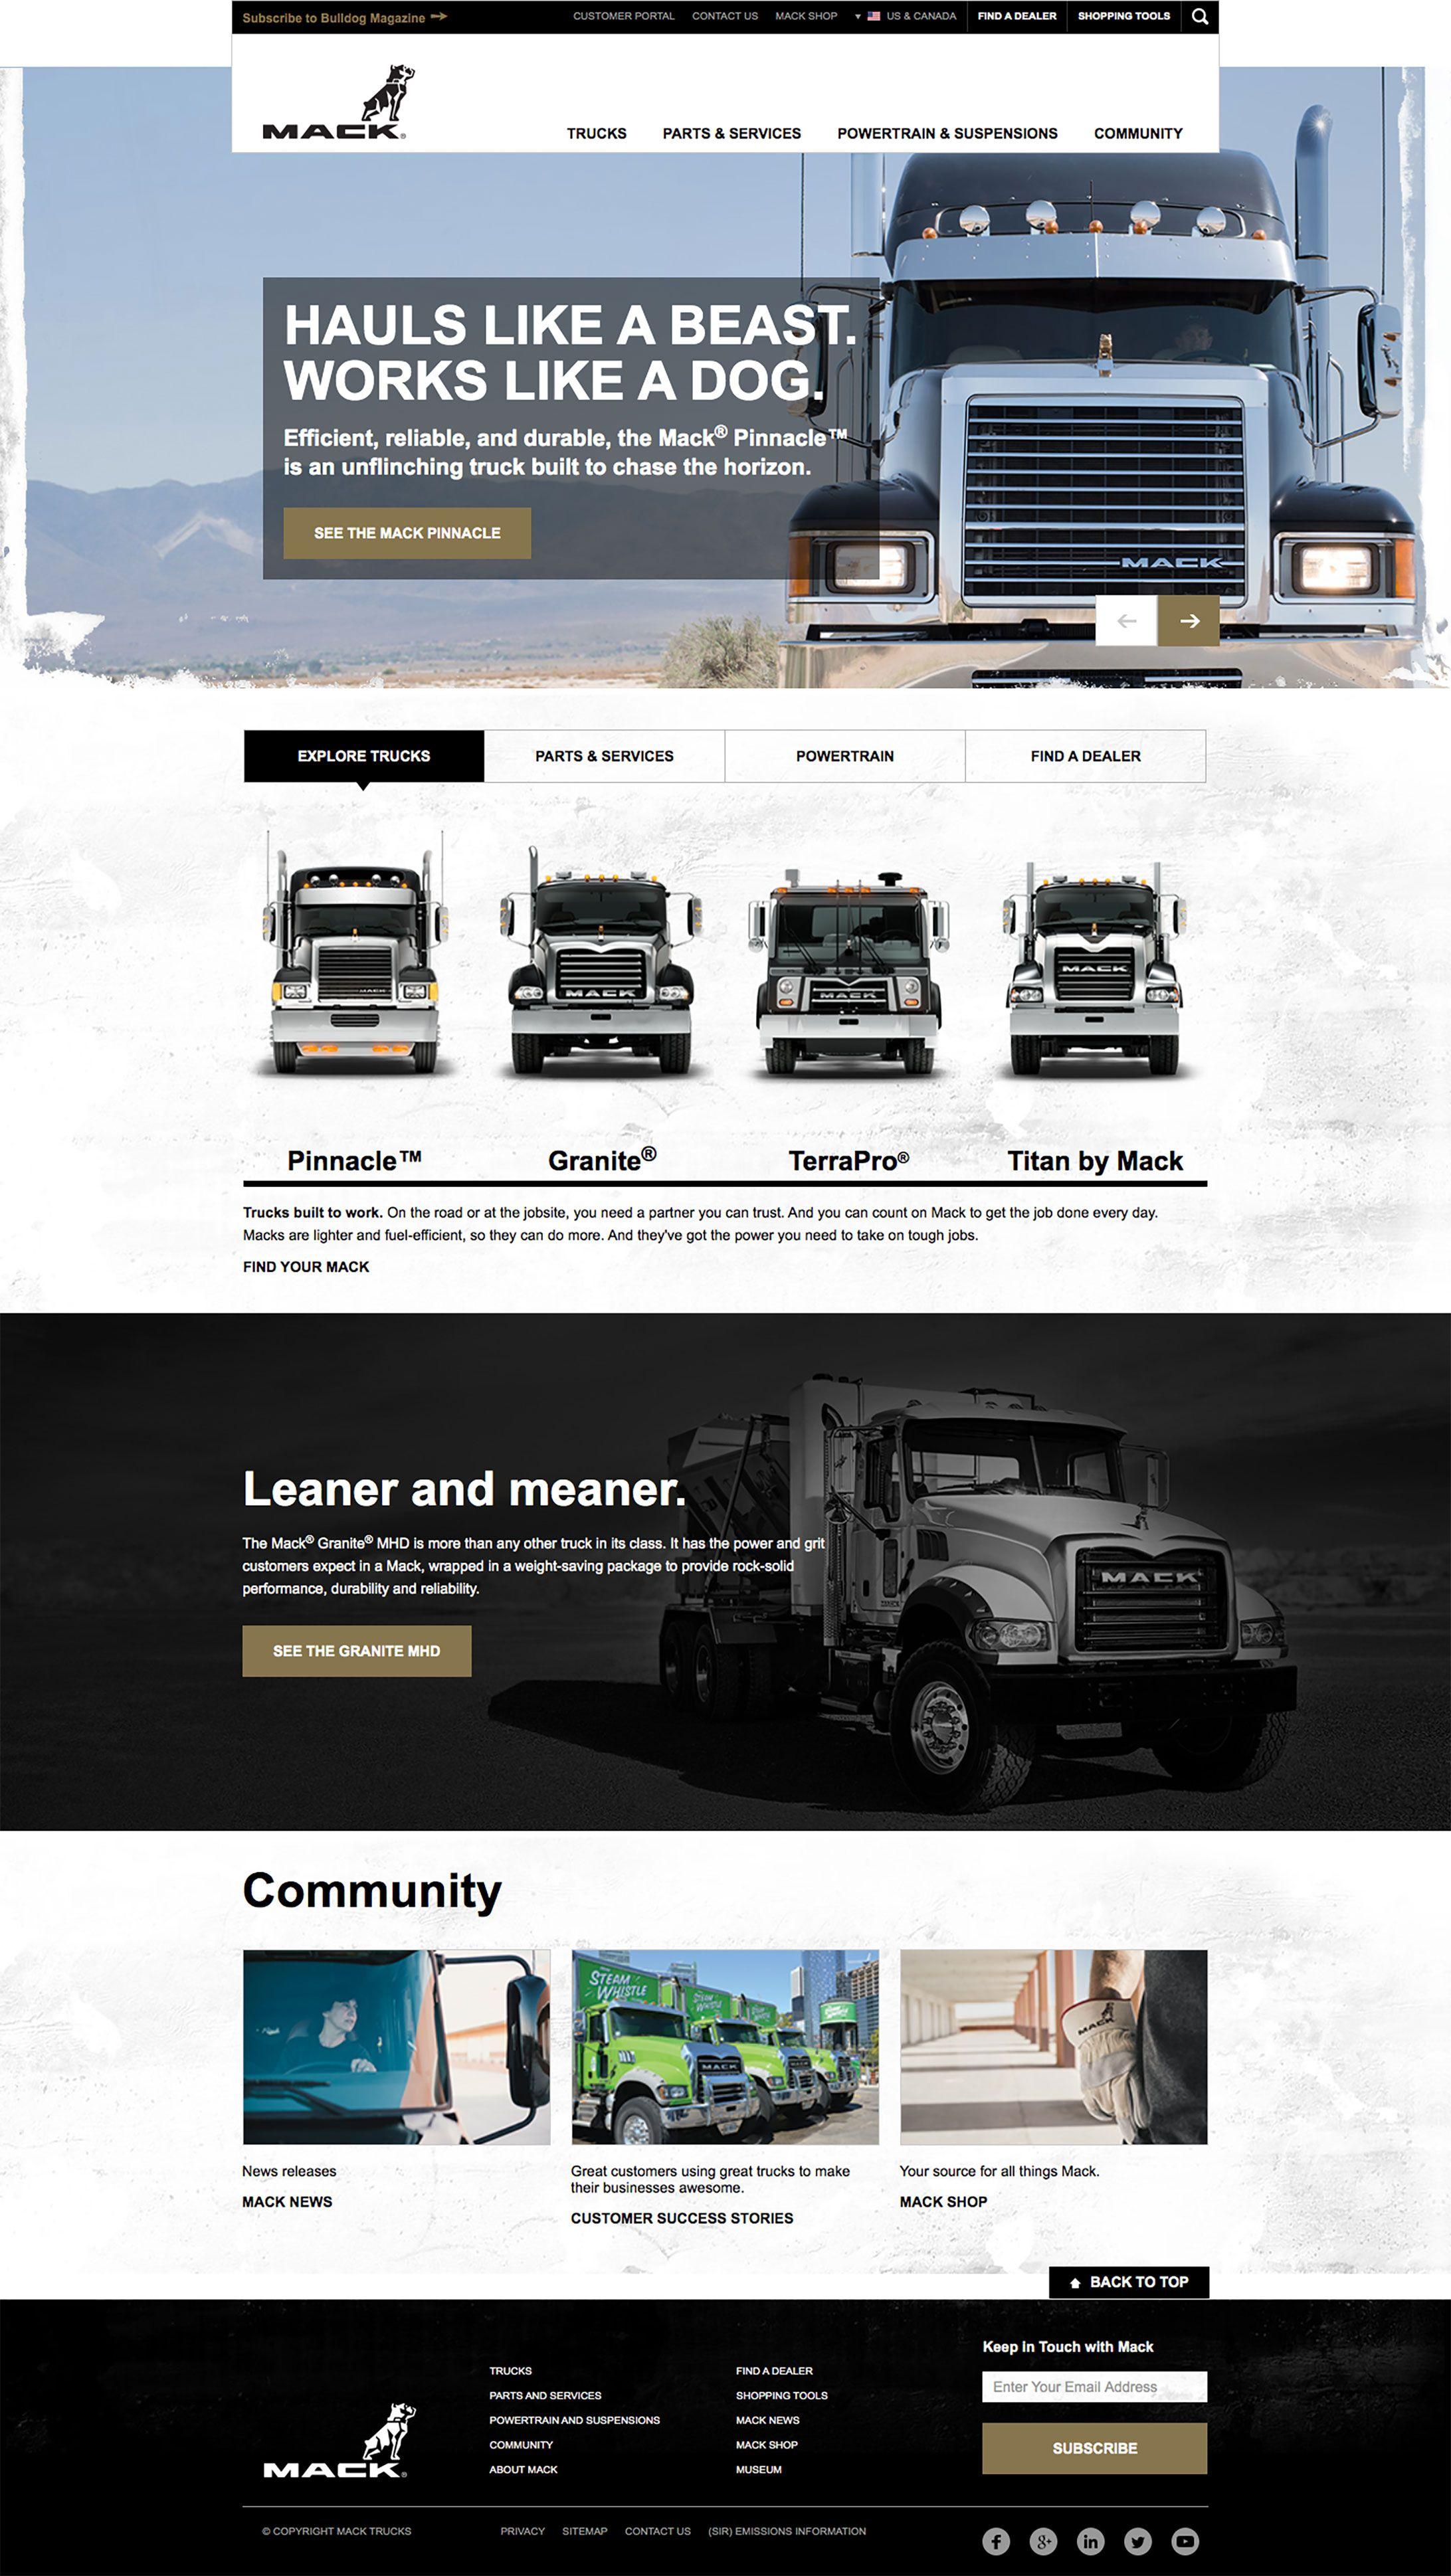 Mack Truck homepage display